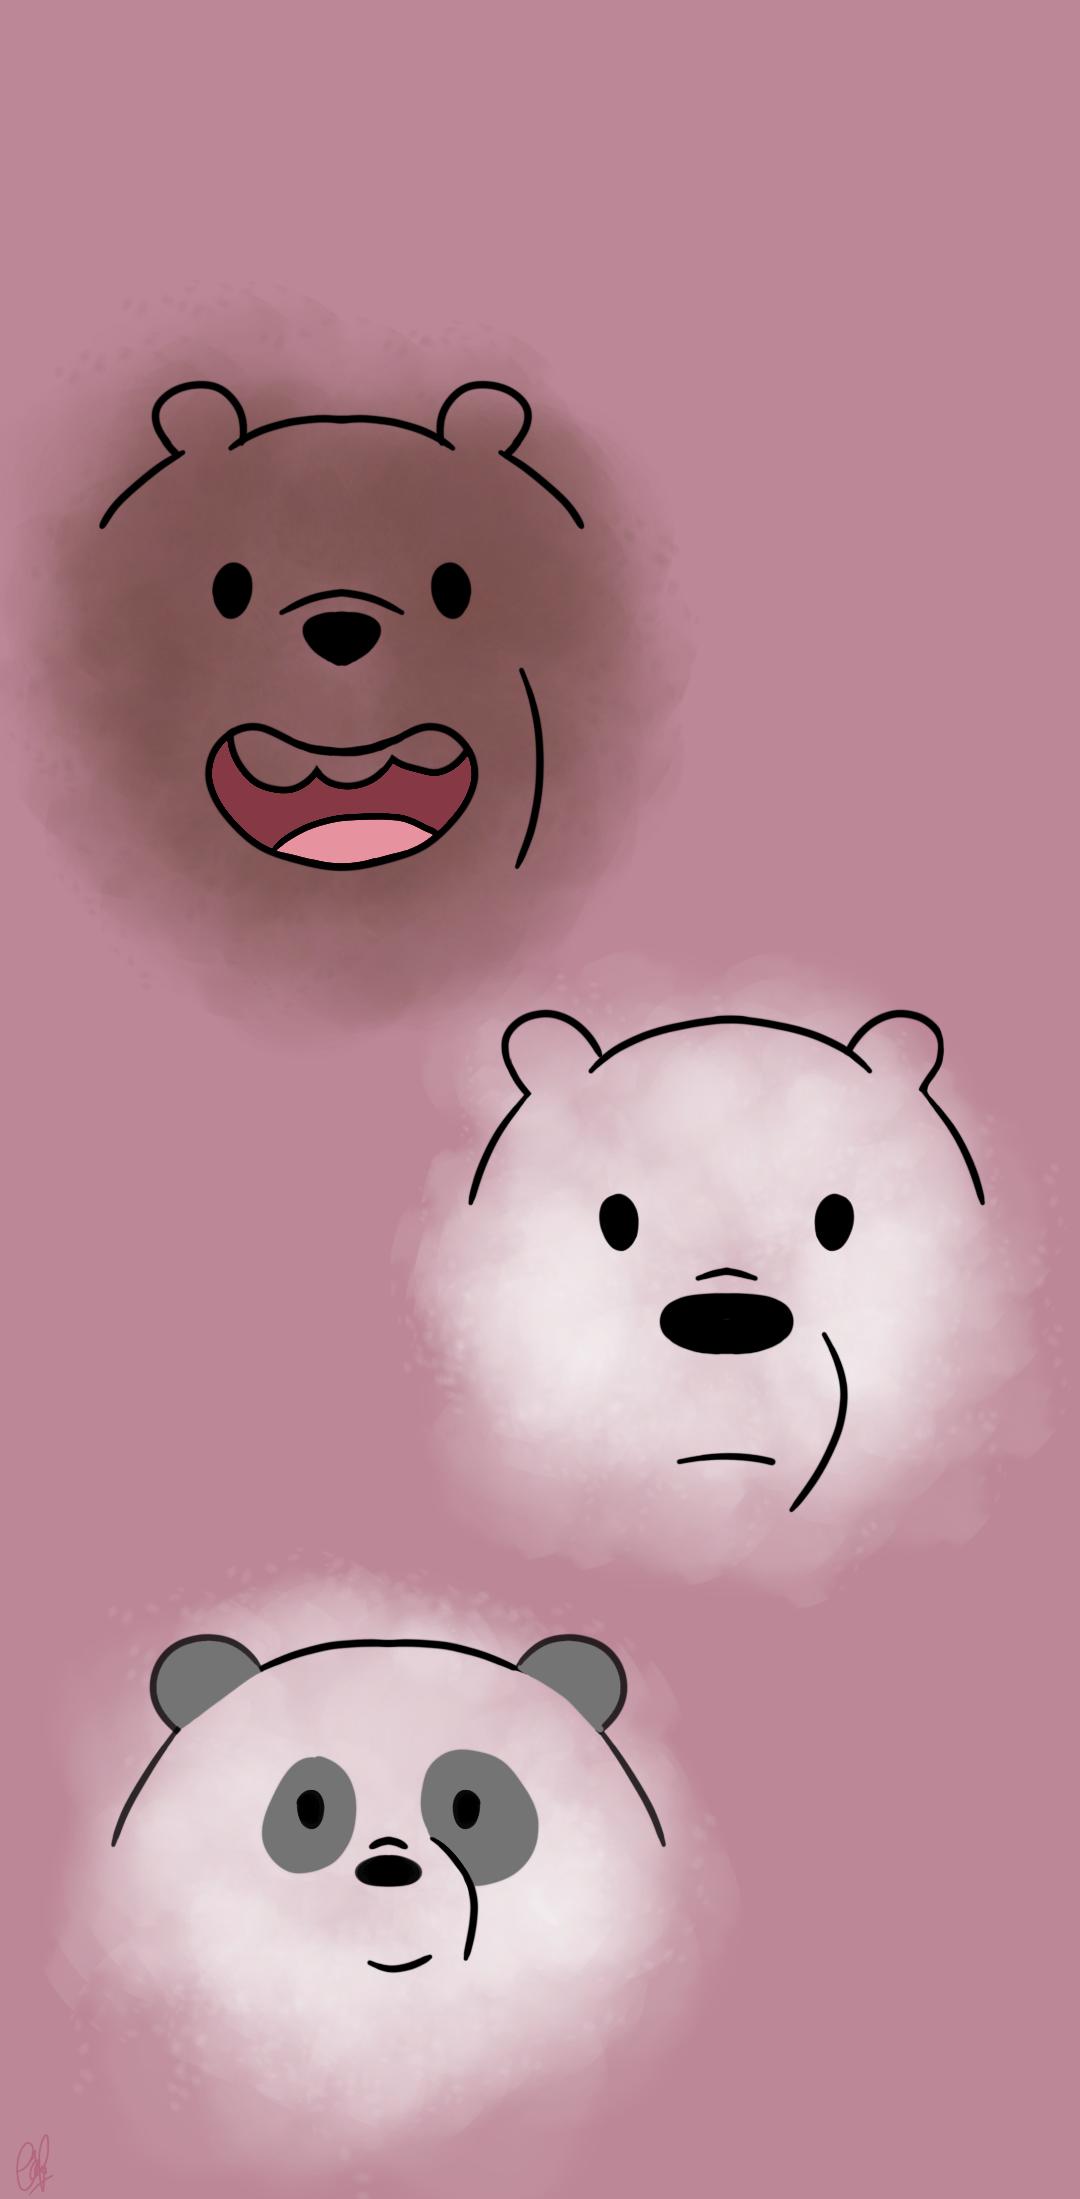 Pin Oleh Madina Di We Bare Bears Ilustrasi Karakter Lukisan Keluarga Kartun